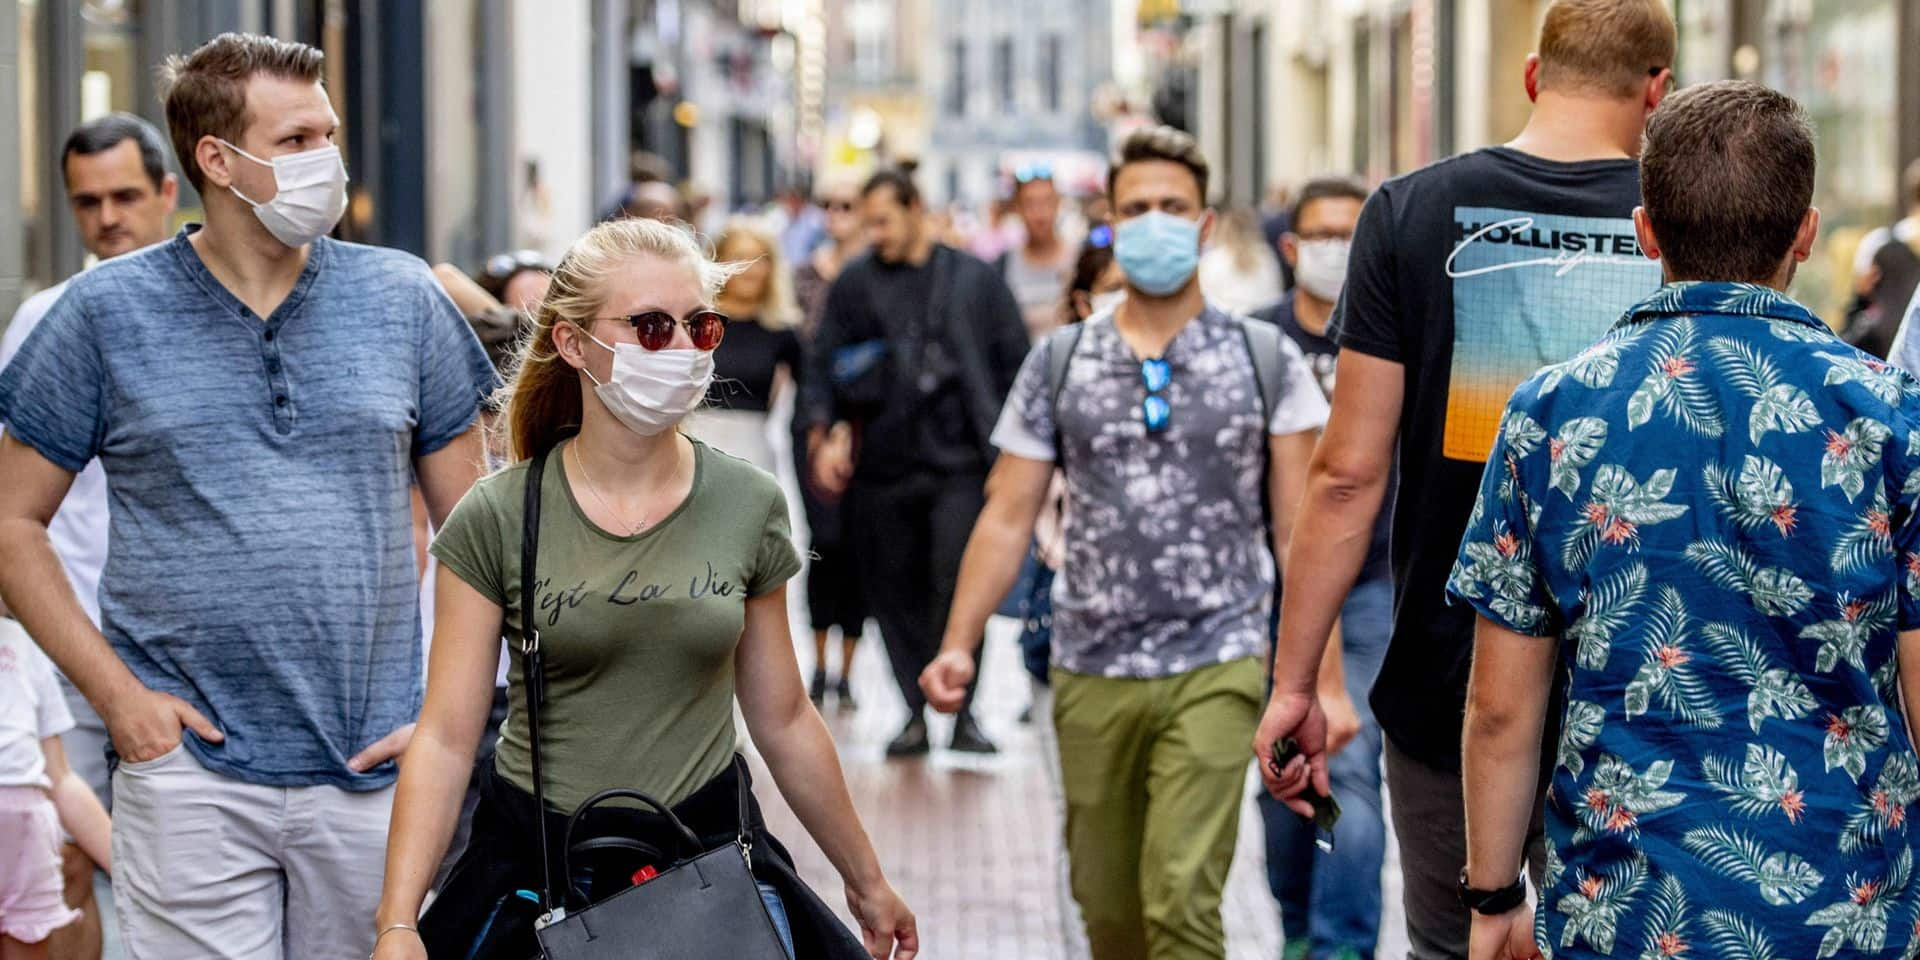 Faut-il imposer le port du masque buccal à la population? En Europe, la question divise toujours